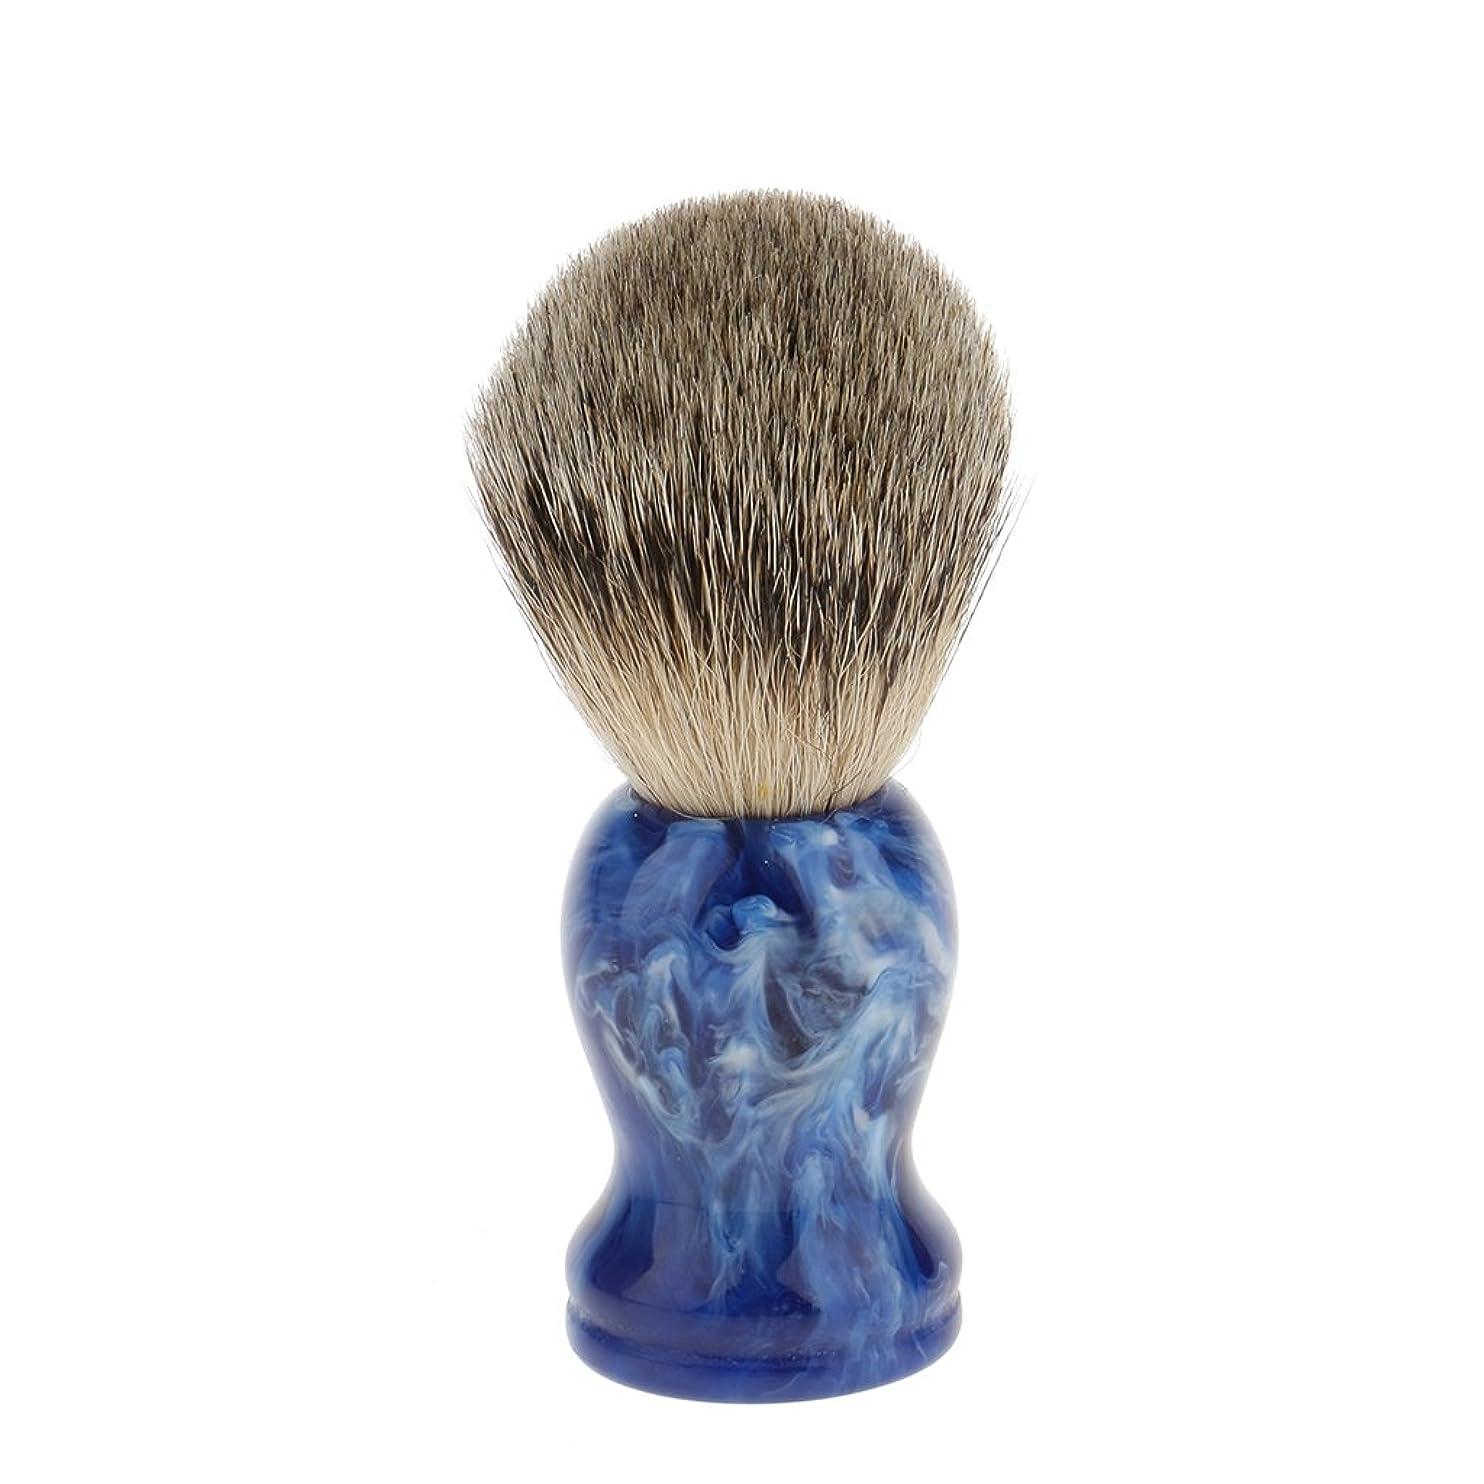 なんとなく提案する扇動するメンズ シェービング ブラシ ソフト シェービングブラシ サロン ひげ 口髭